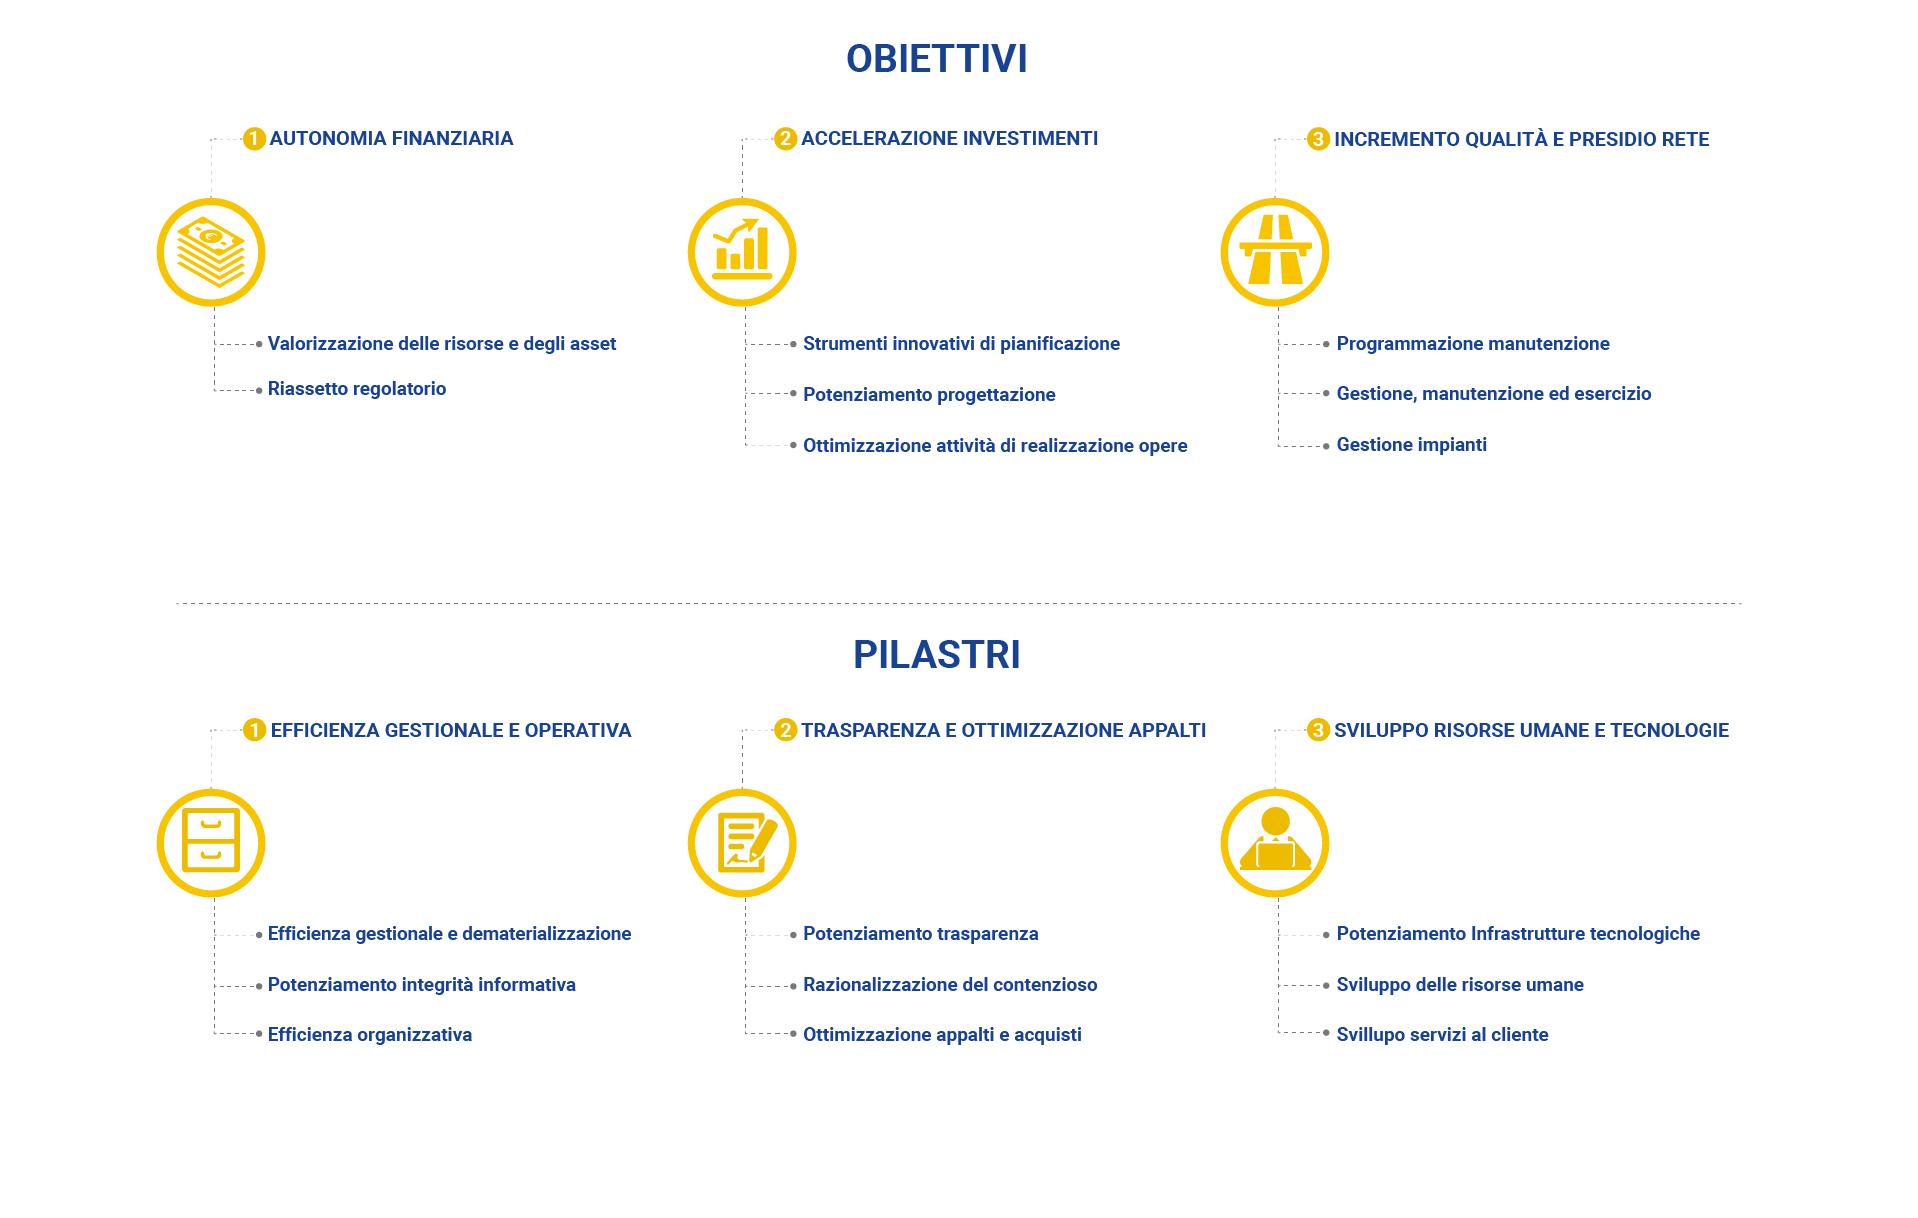 Obiettivi_pilastri